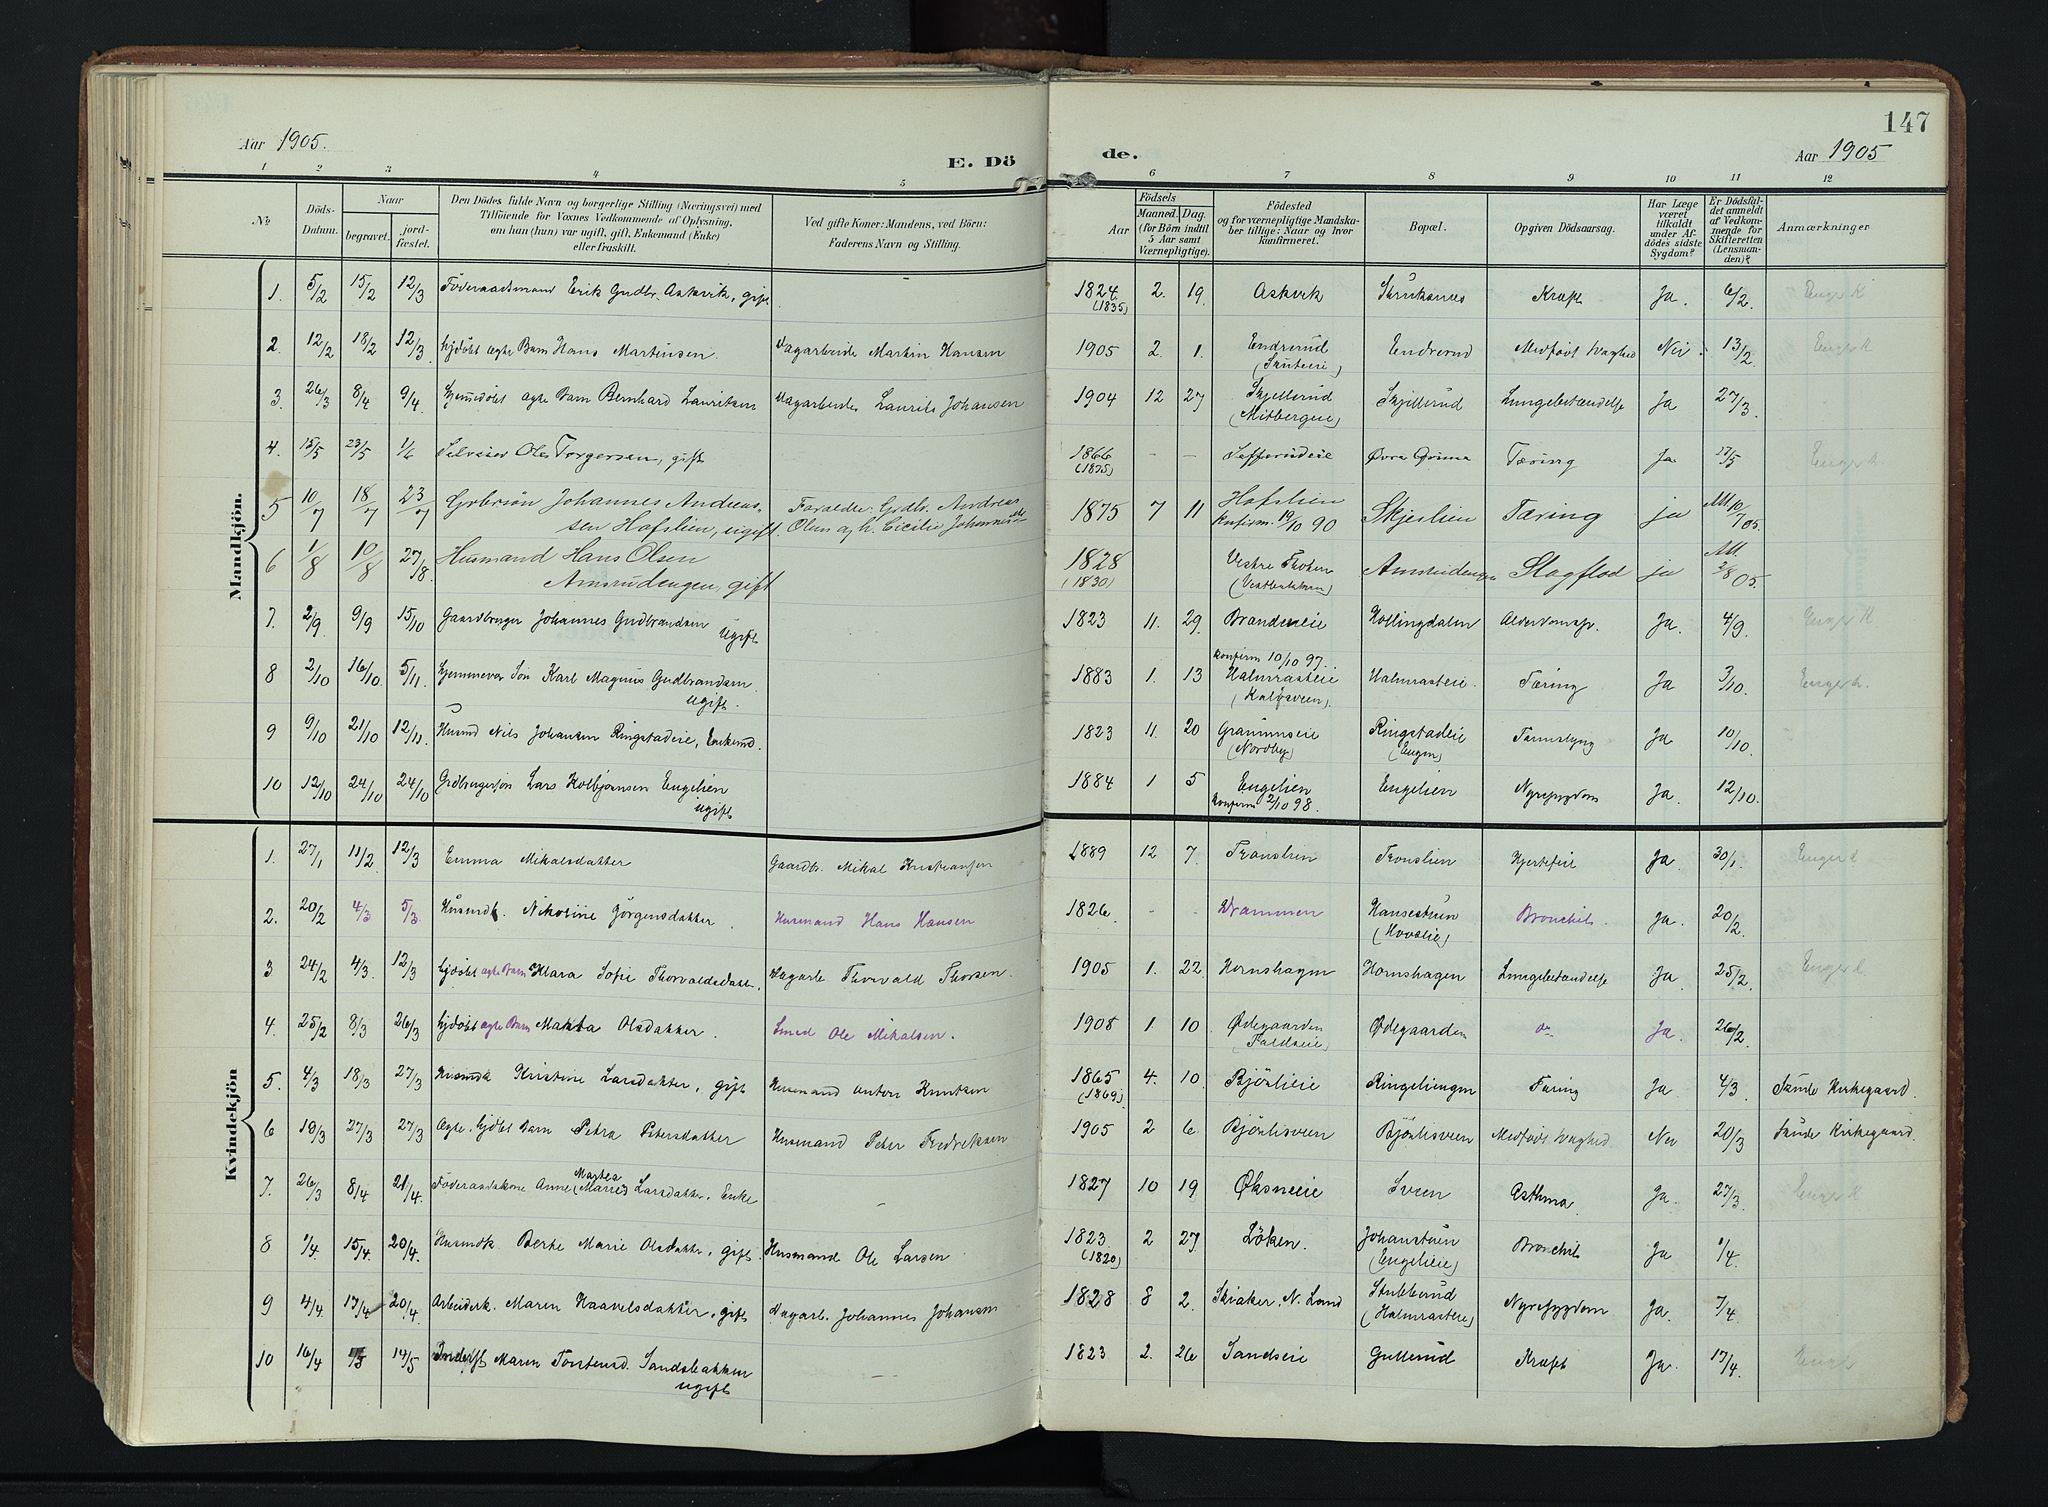 SAH, Søndre Land prestekontor, K/L0007: Ministerialbok nr. 7, 1905-1914, s. 147